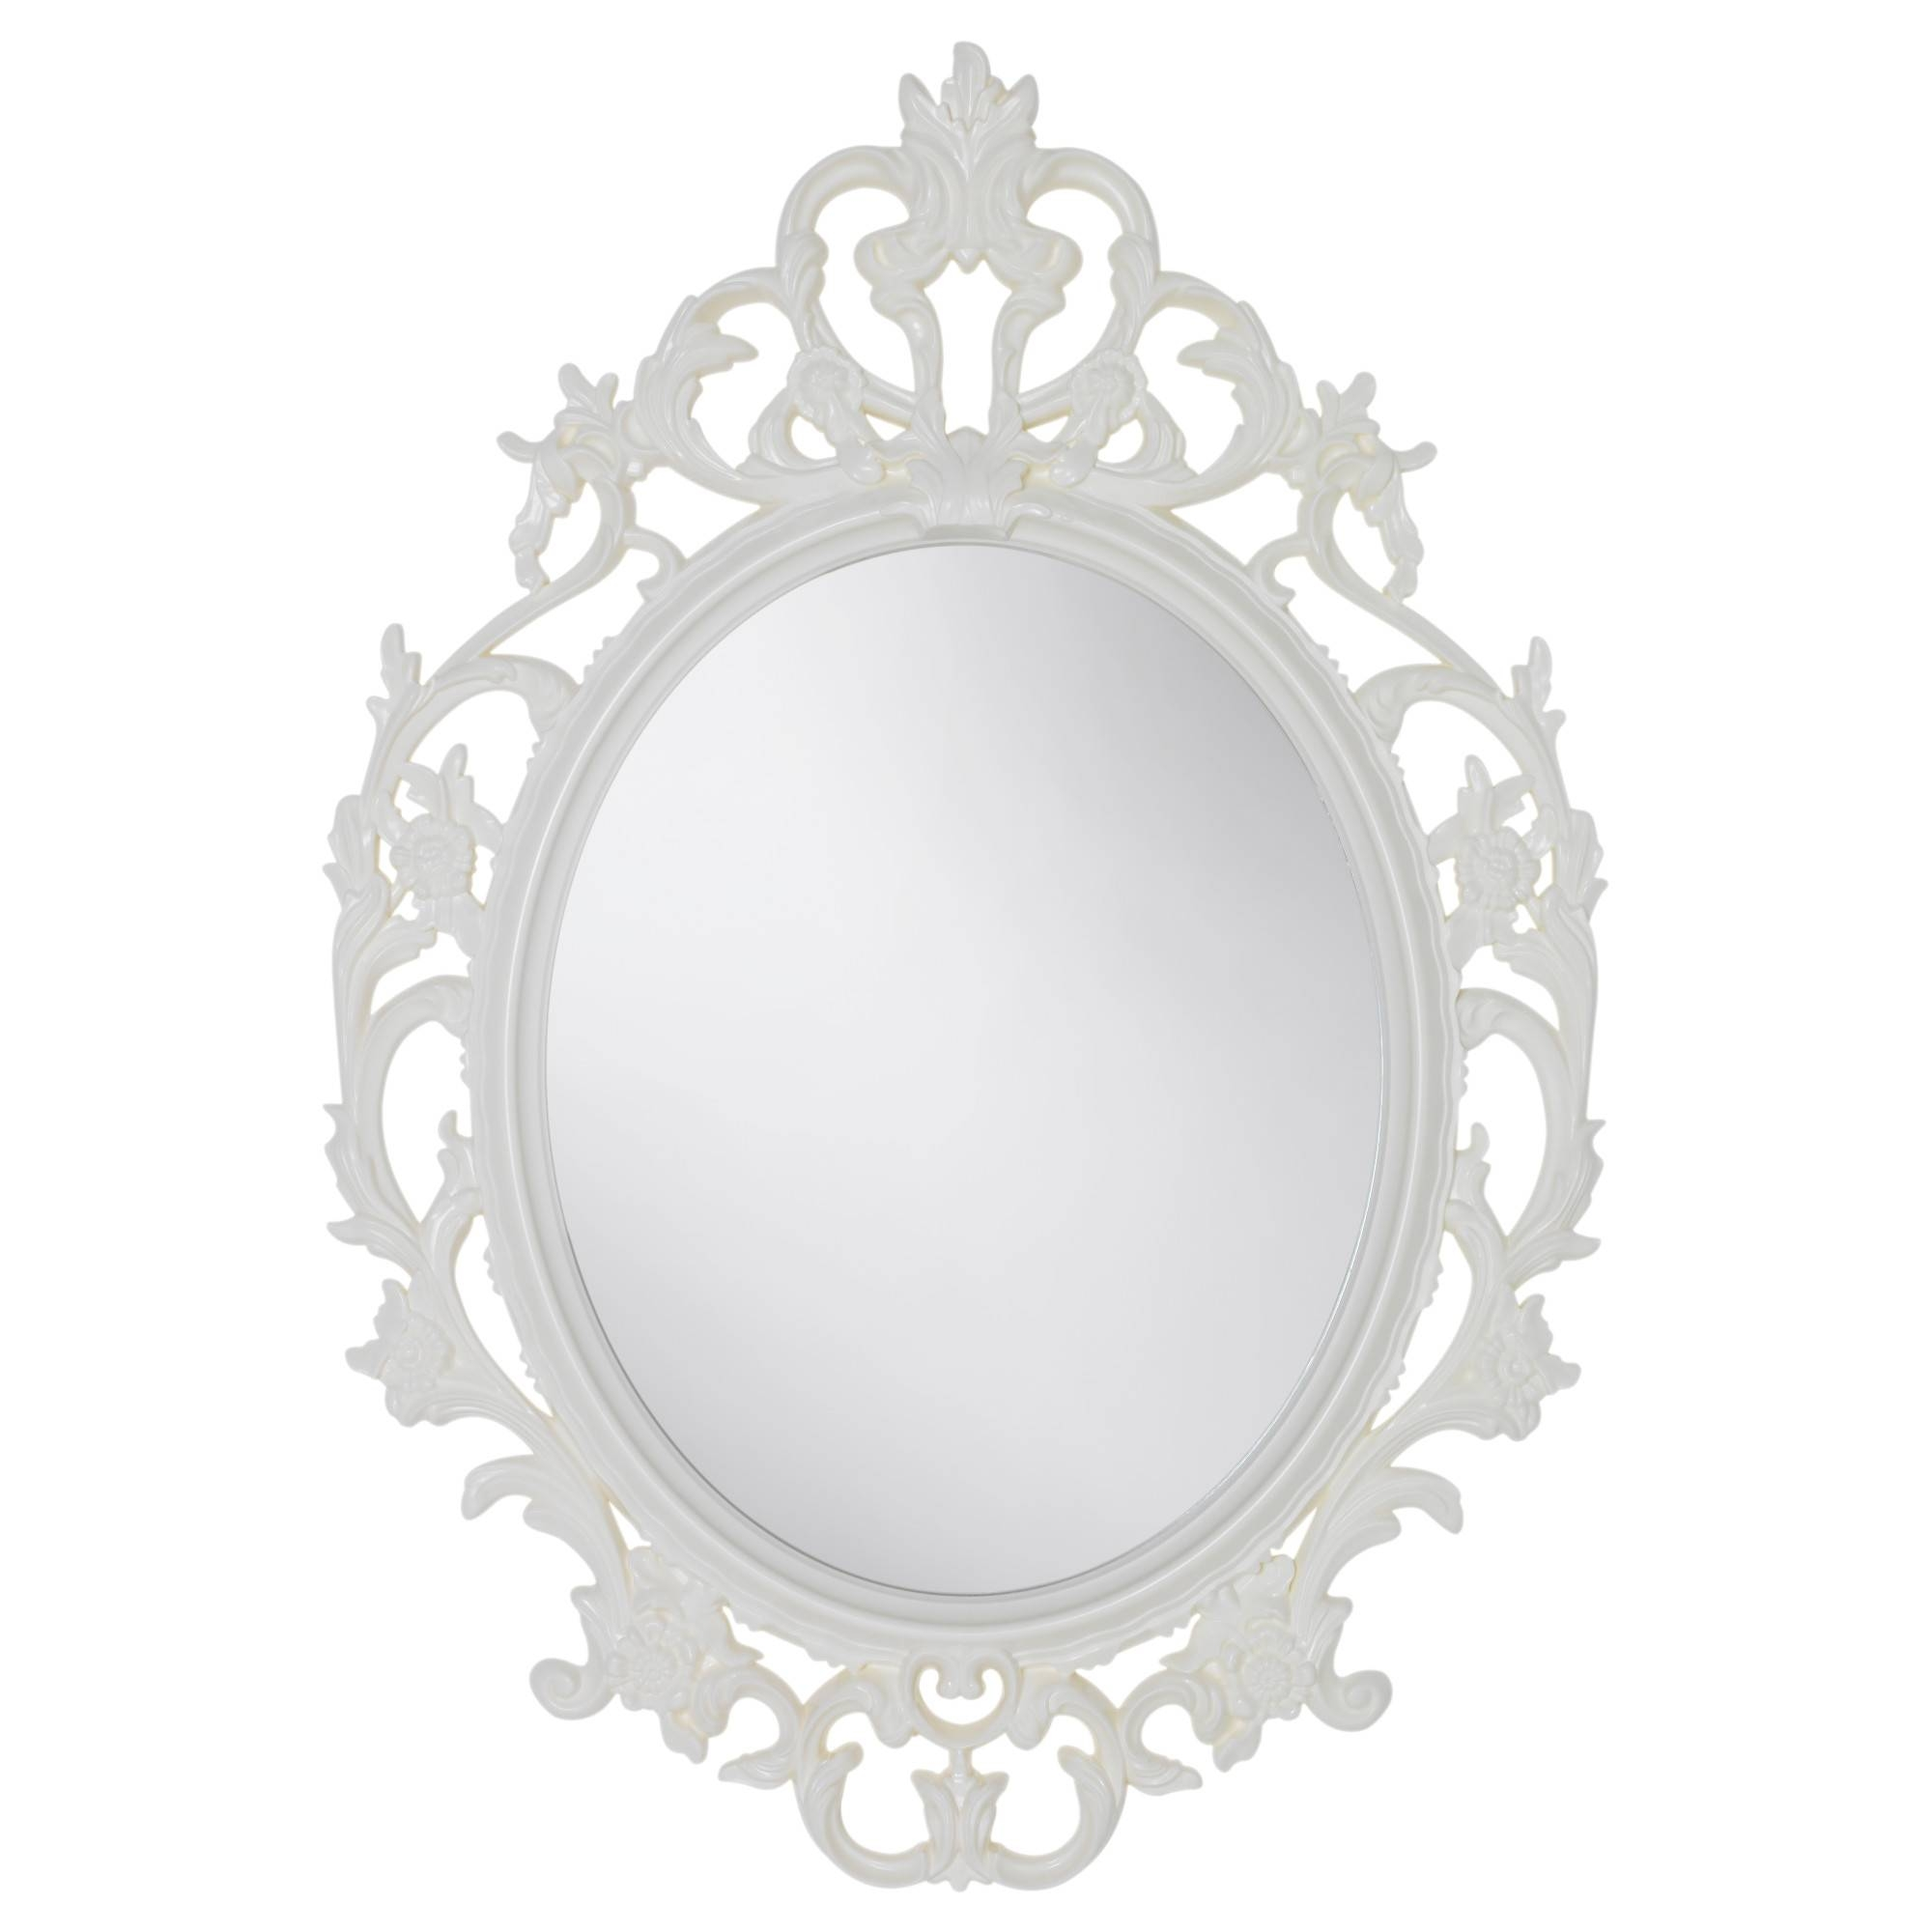 Round Mirrors - Mirrors - Ikea throughout White Round Mirrors (Image 11 of 15)